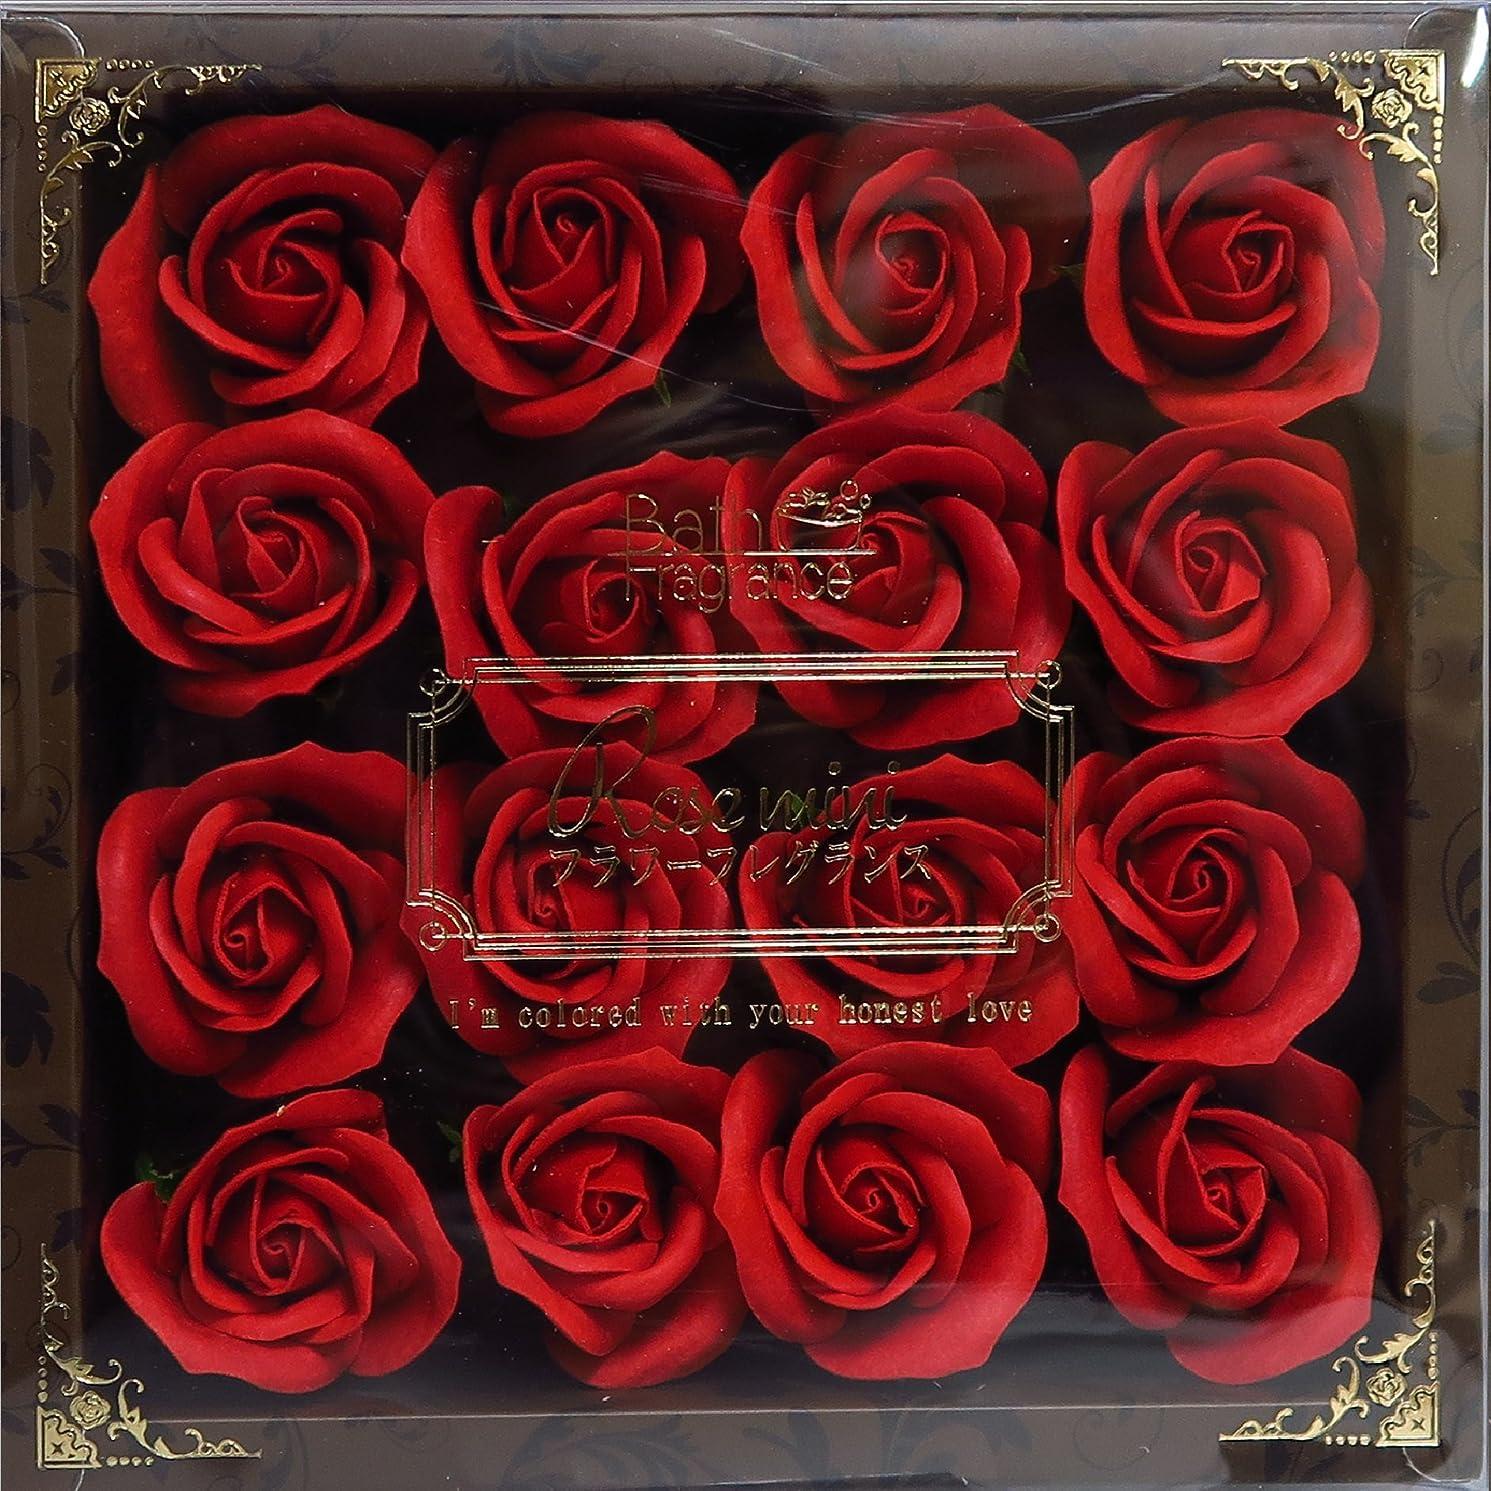 騒ぎひいきにする沈黙バスフレグランス バスフラワー ミニローズフレグランス(M)レッド ギフト お花の形の入浴剤 プレゼント ばら